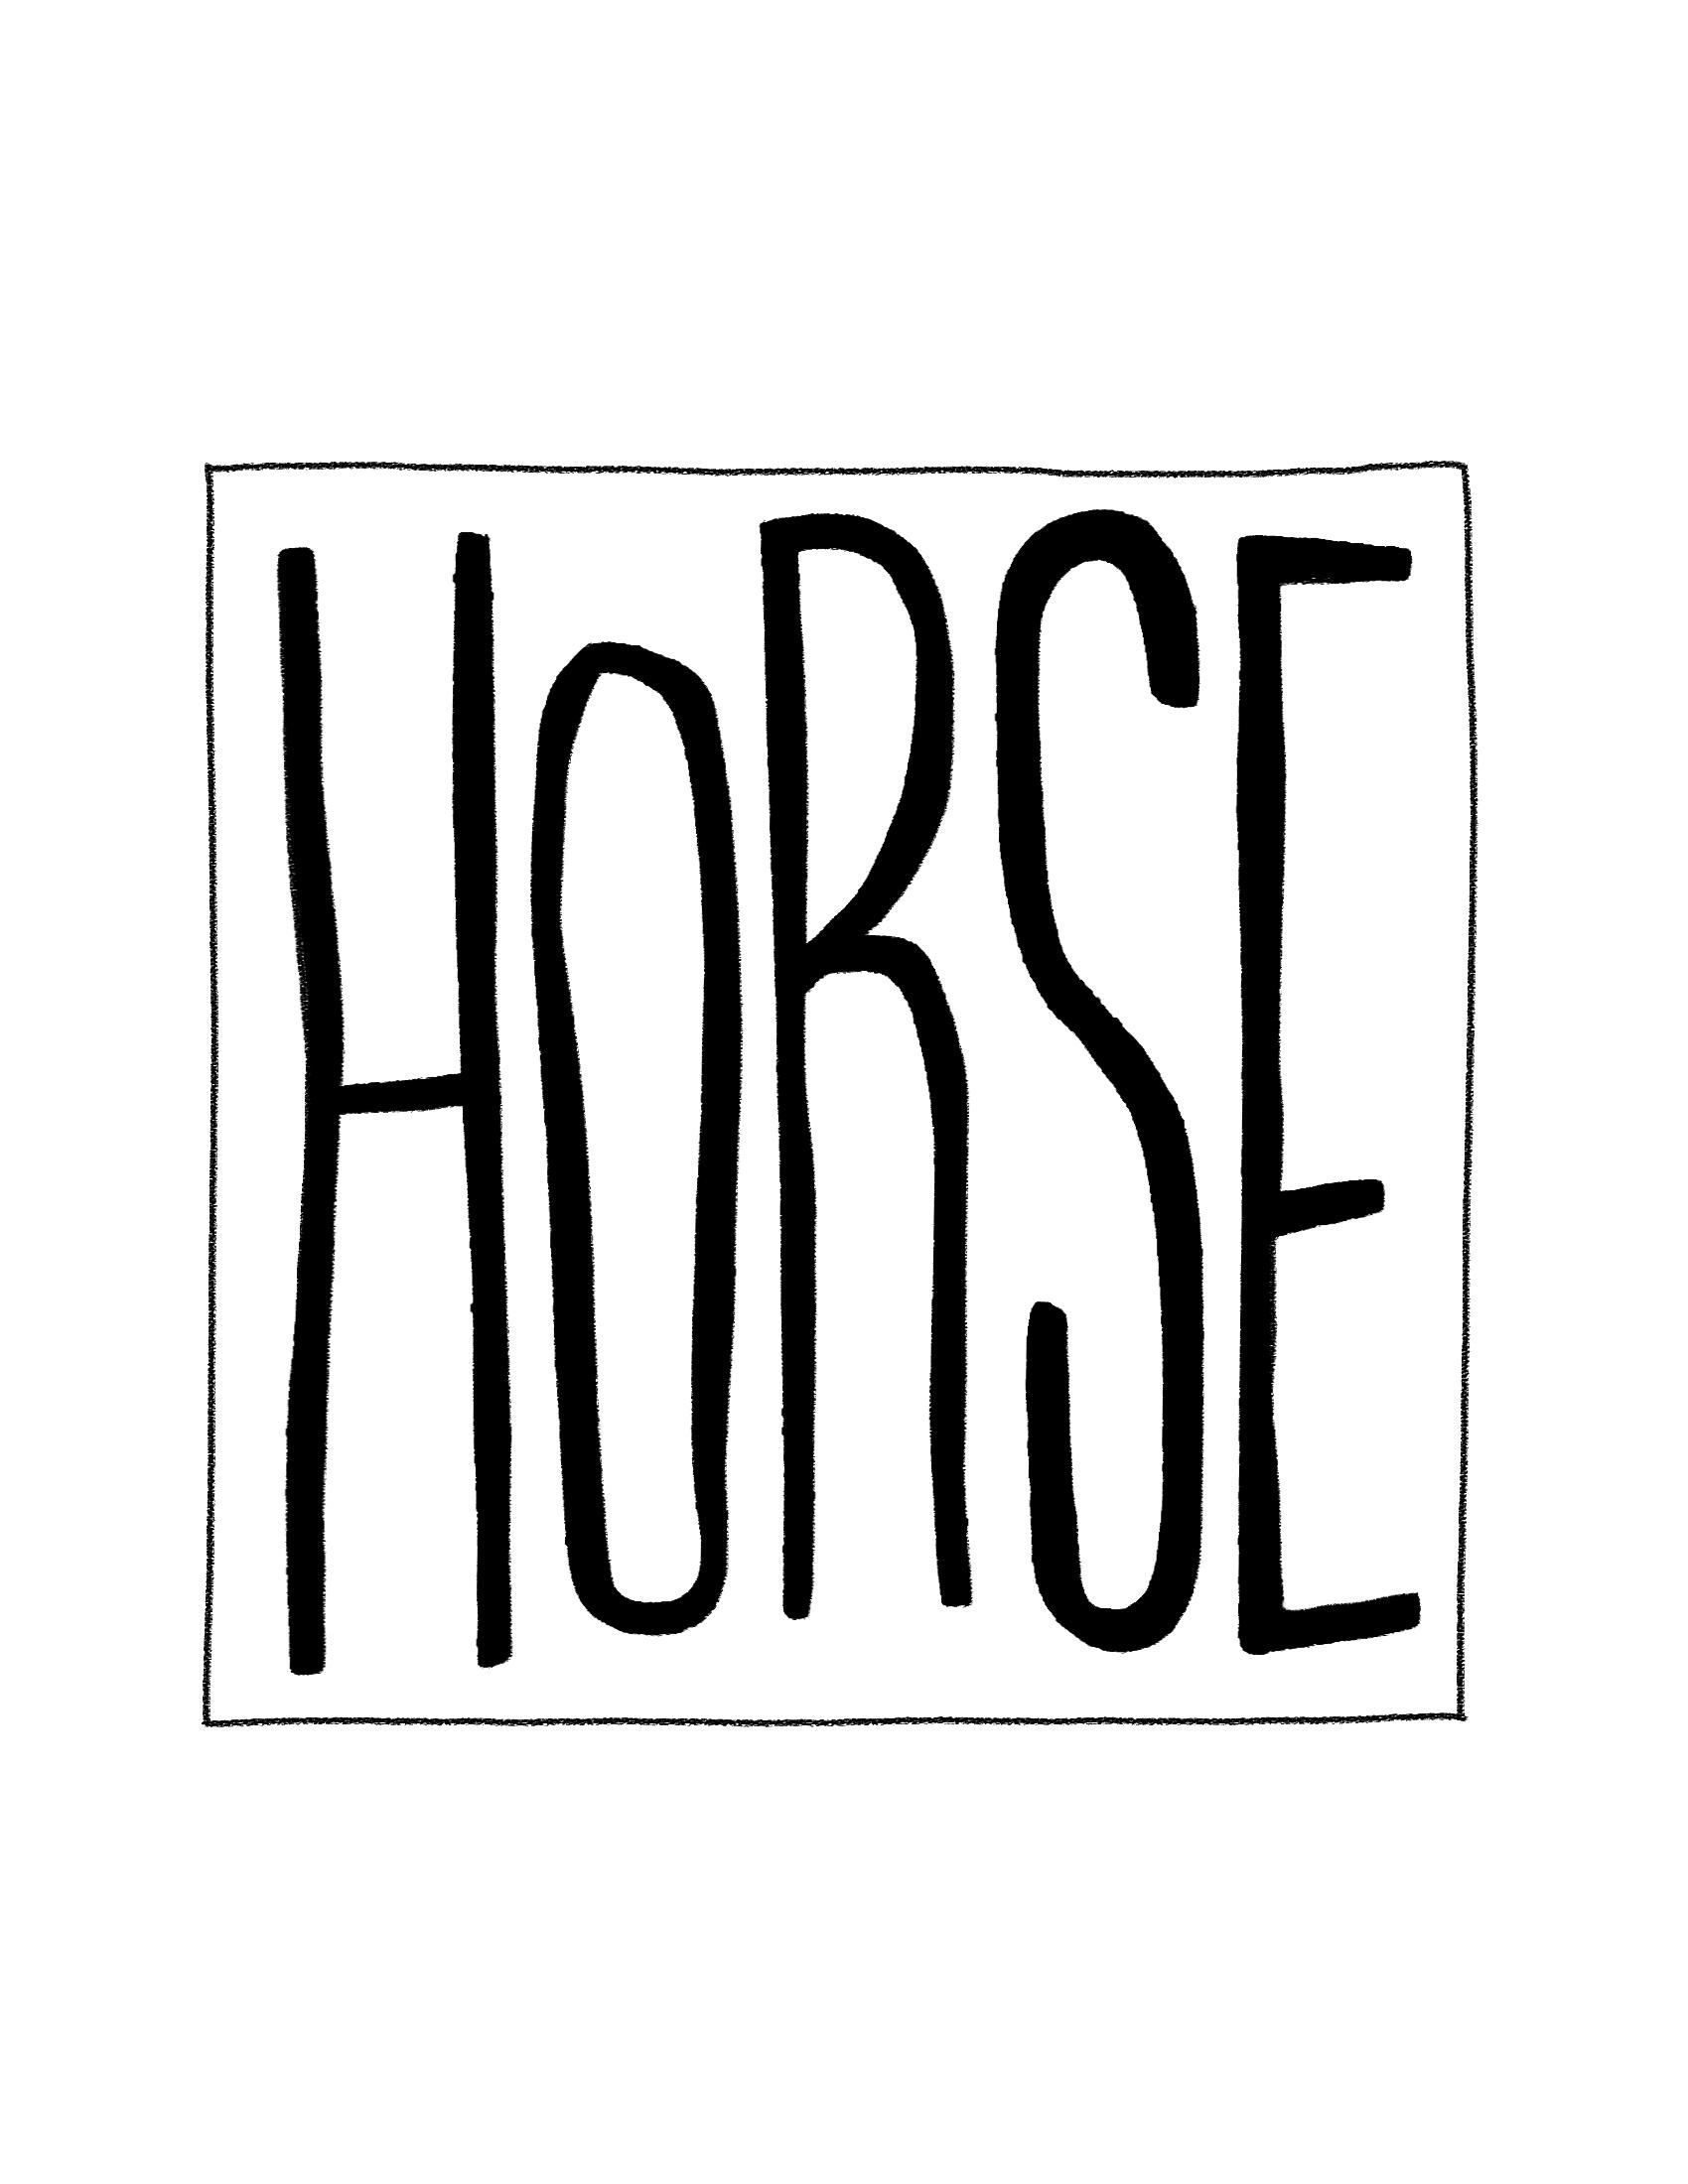 zodiac_0014_horse.jpg